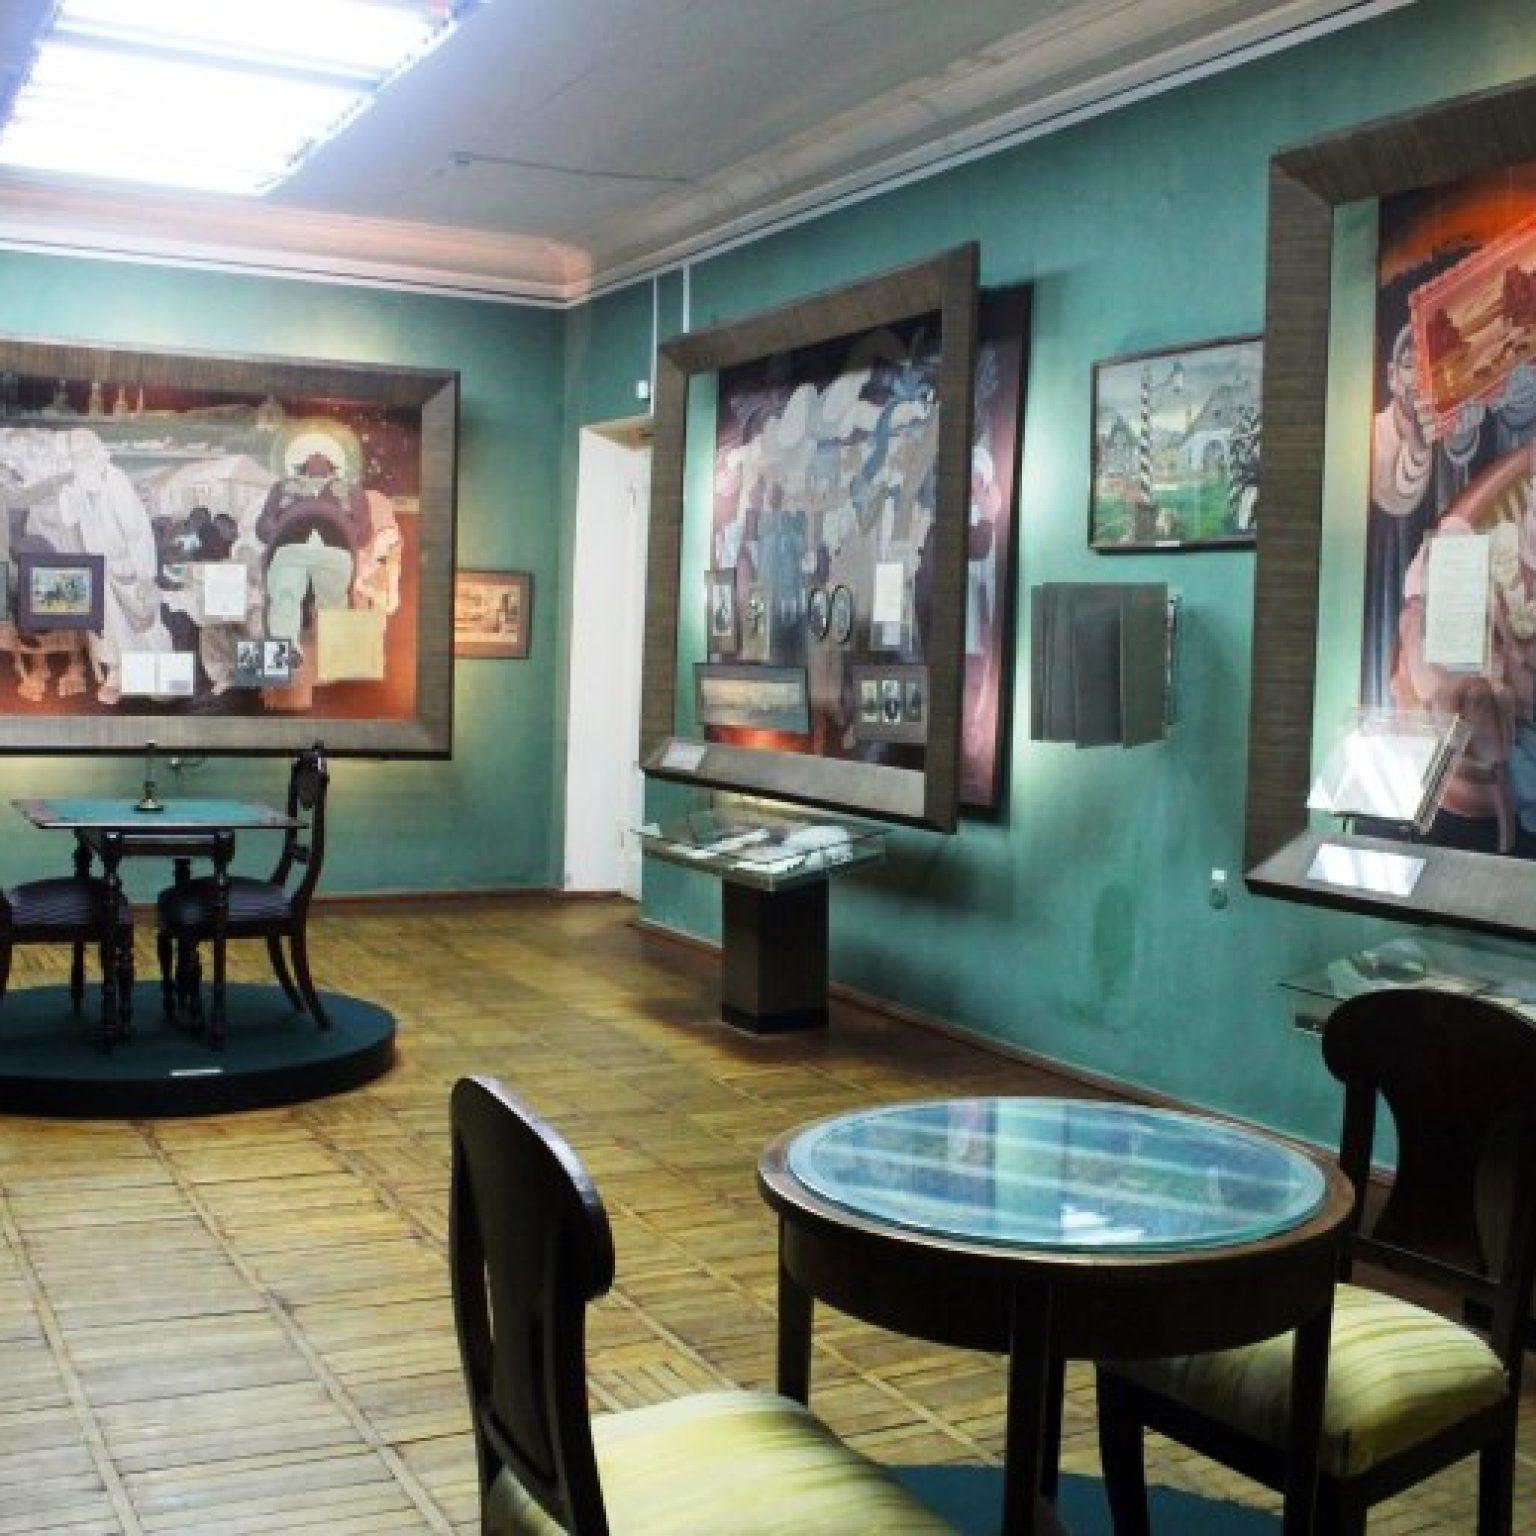 Достопримечательности Твери: Музей М.Е. Салтыкова-Щедрина